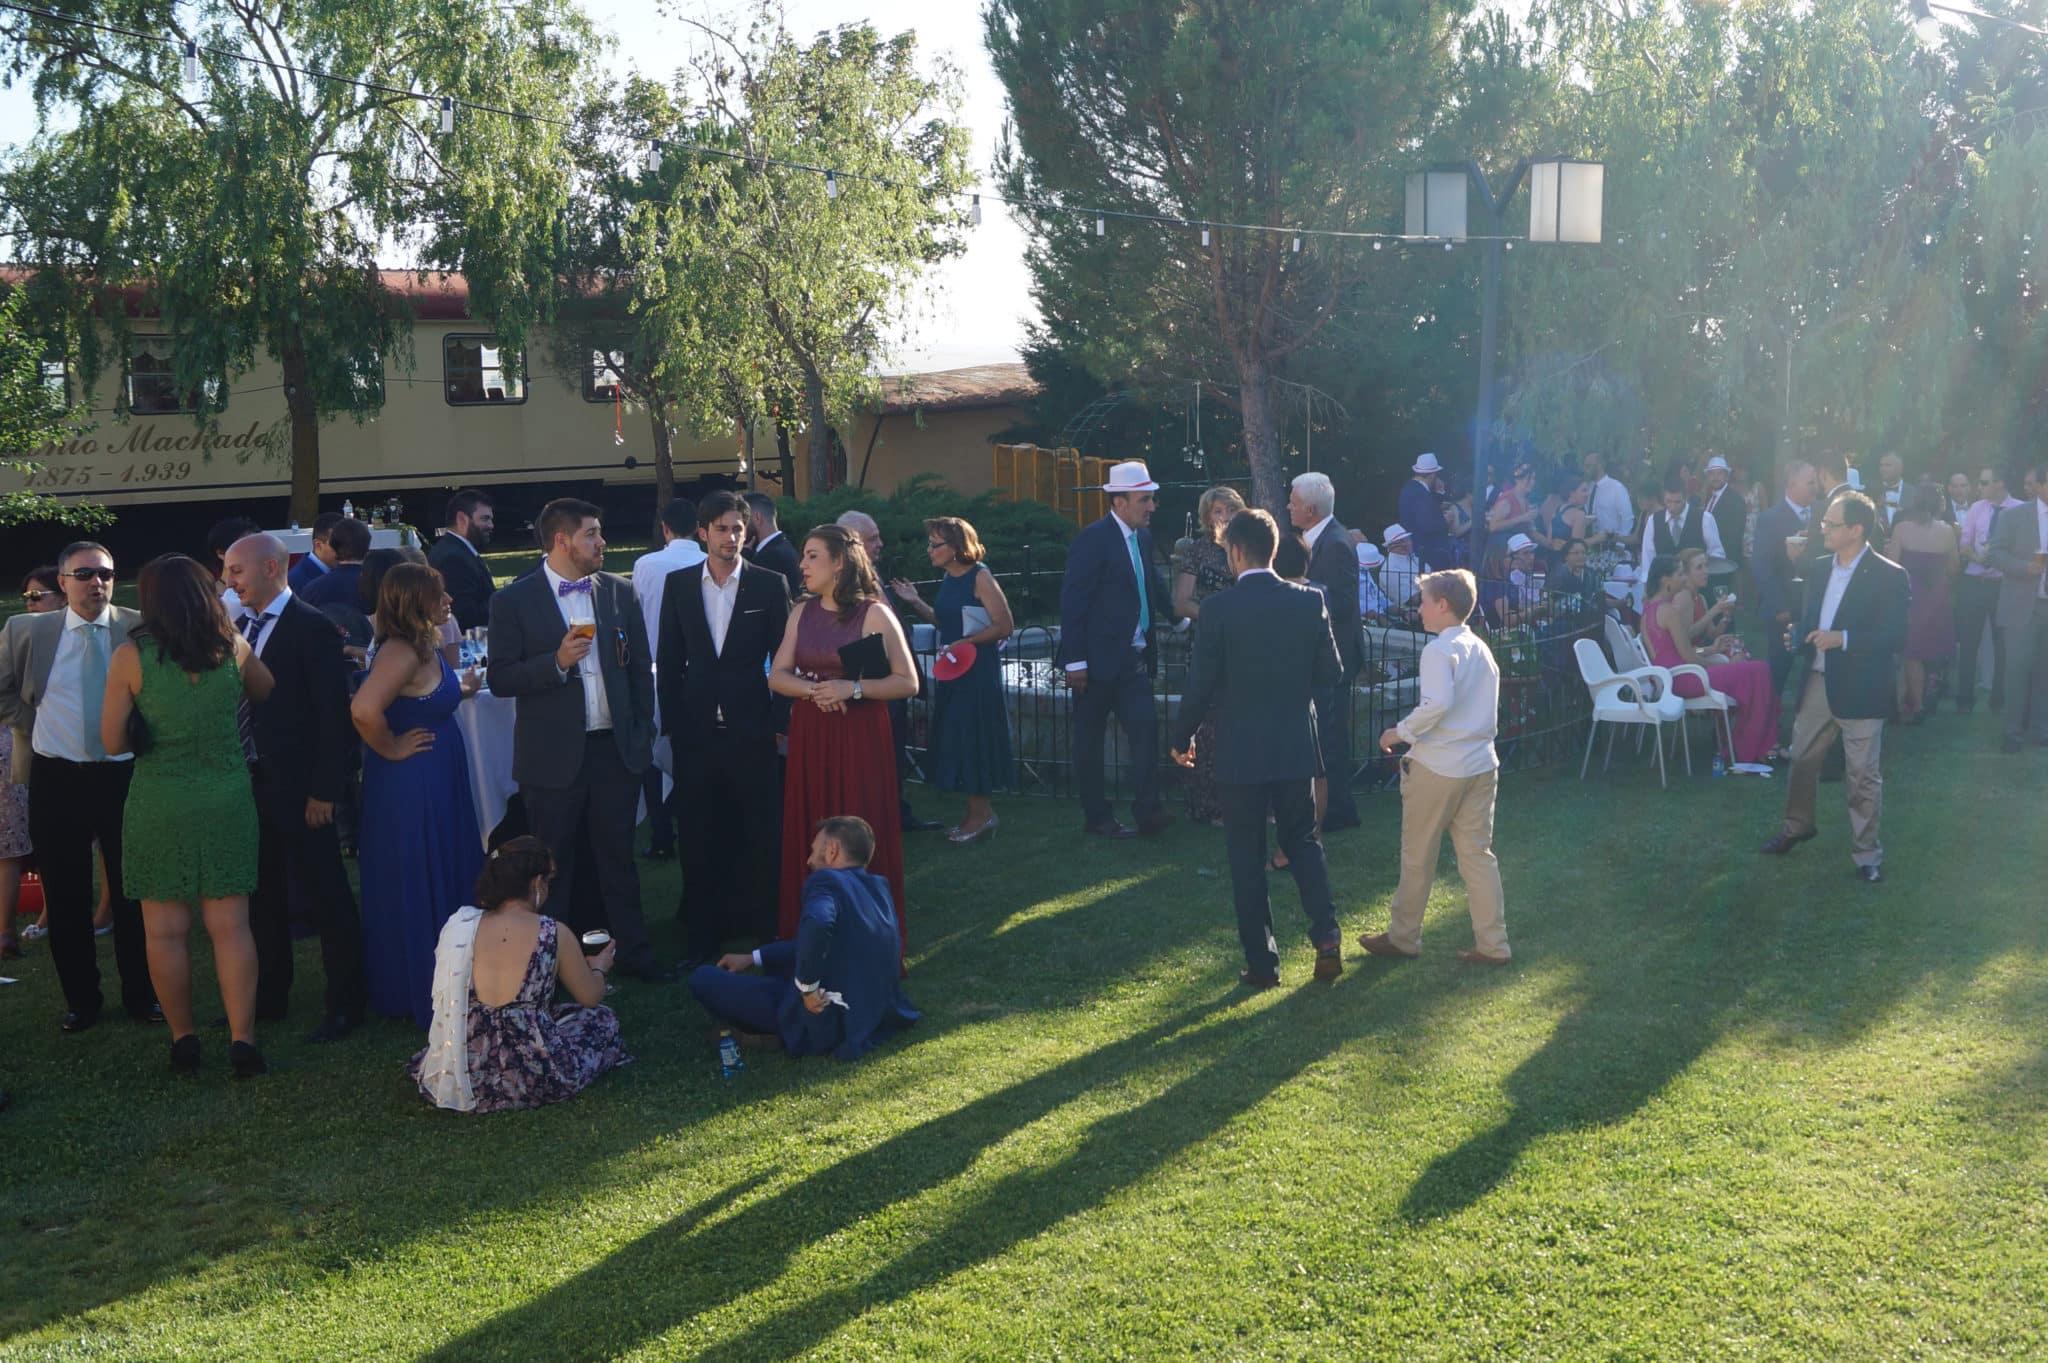 ZAZU-boda-divertida-en-rojo-Segovia UNA BODA DIVERTIDA EN SEGOVIA